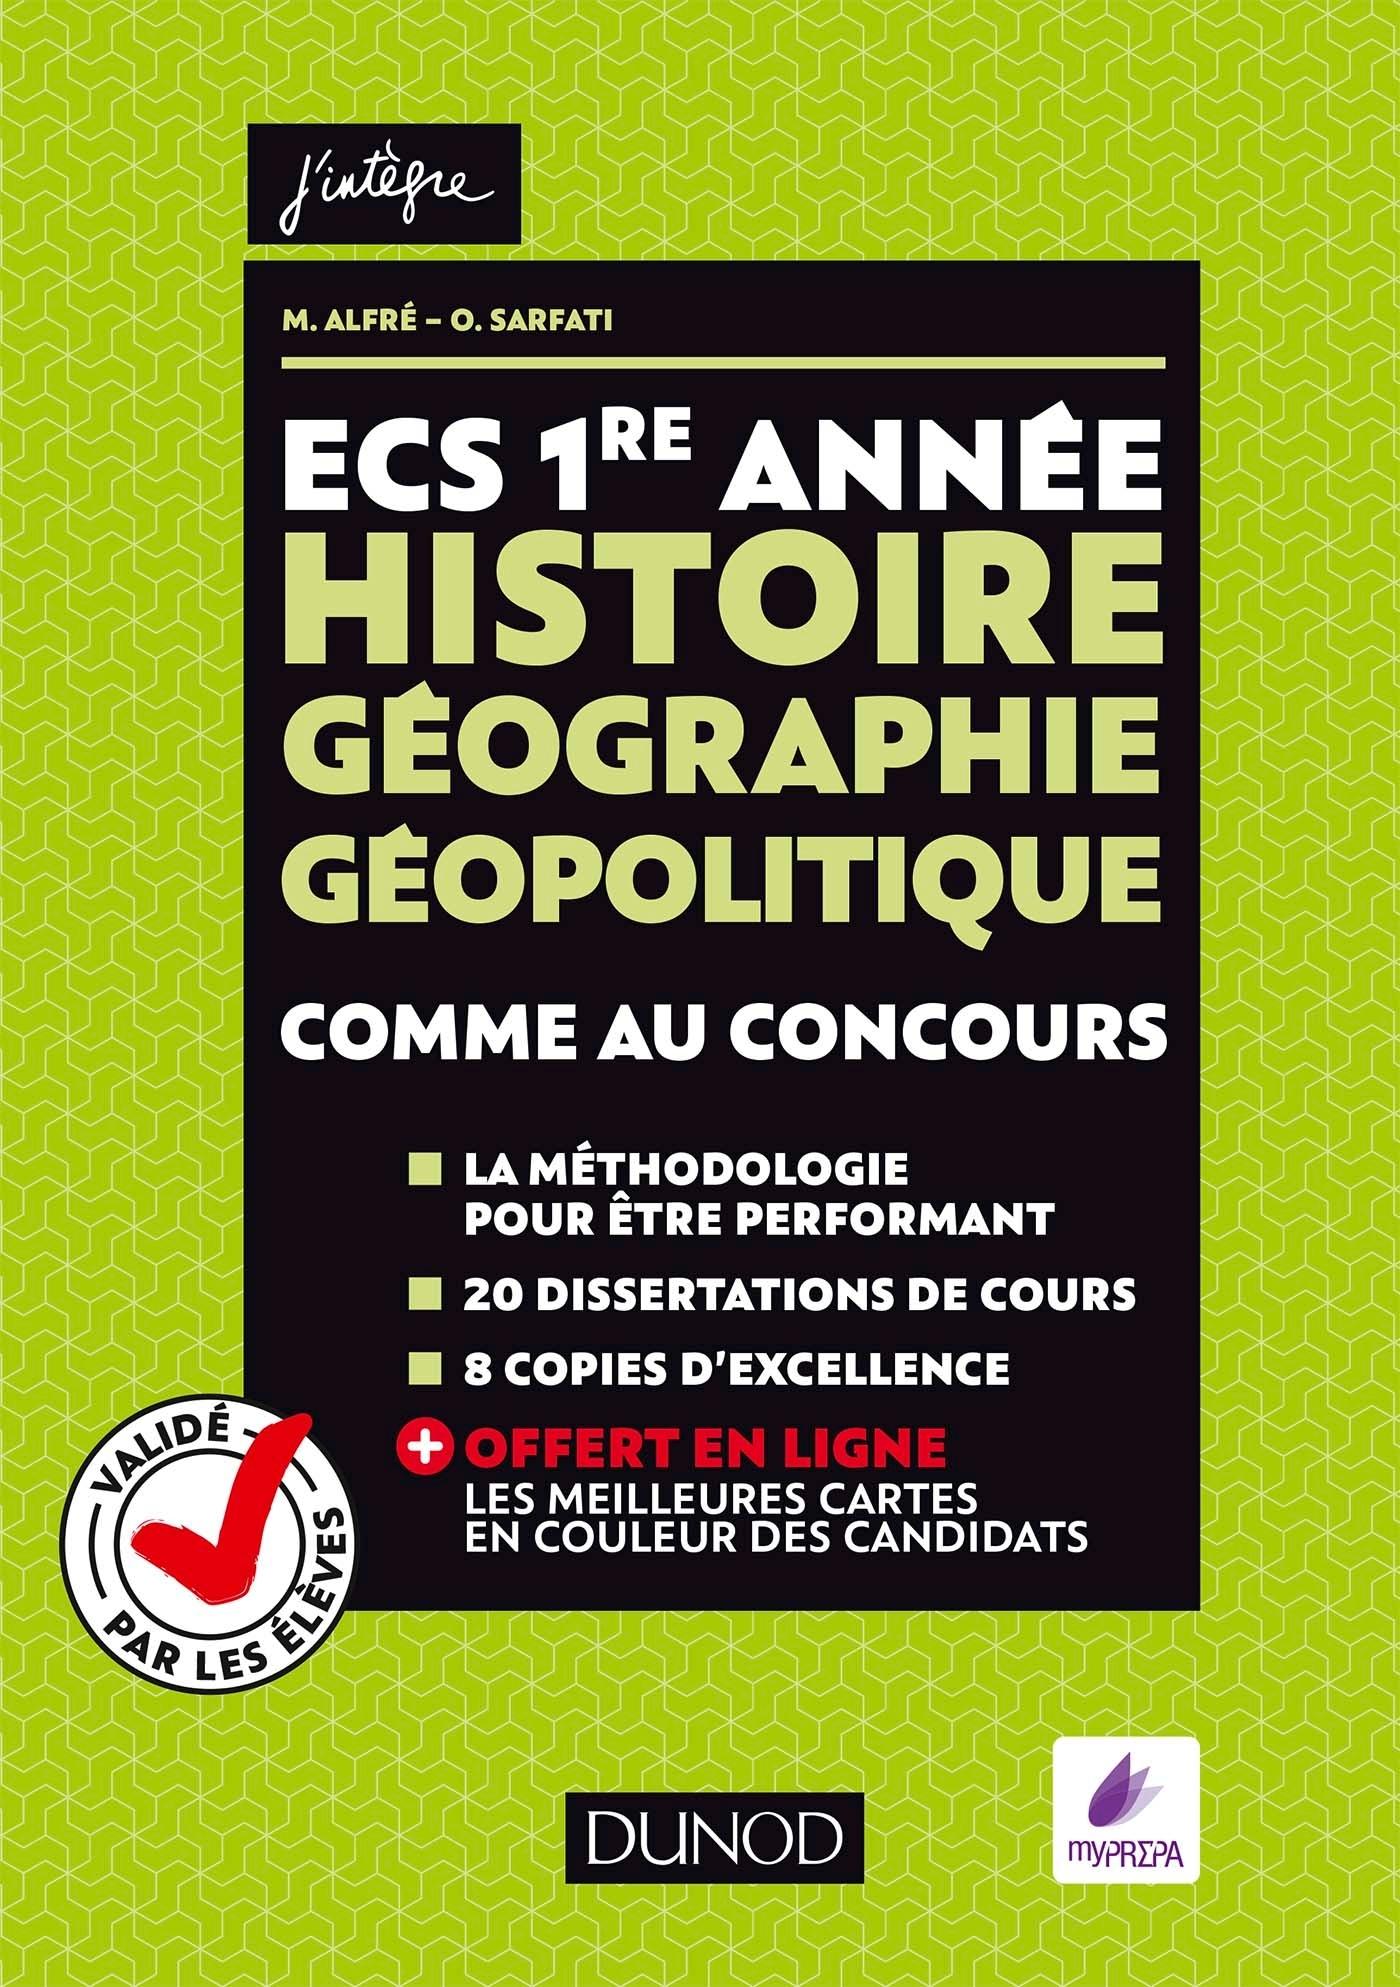 ECS 1RE ANNEE - HISTOIRE GEOGRAPHIE GEOPOLITIQUE - COMME AU CONCOURS